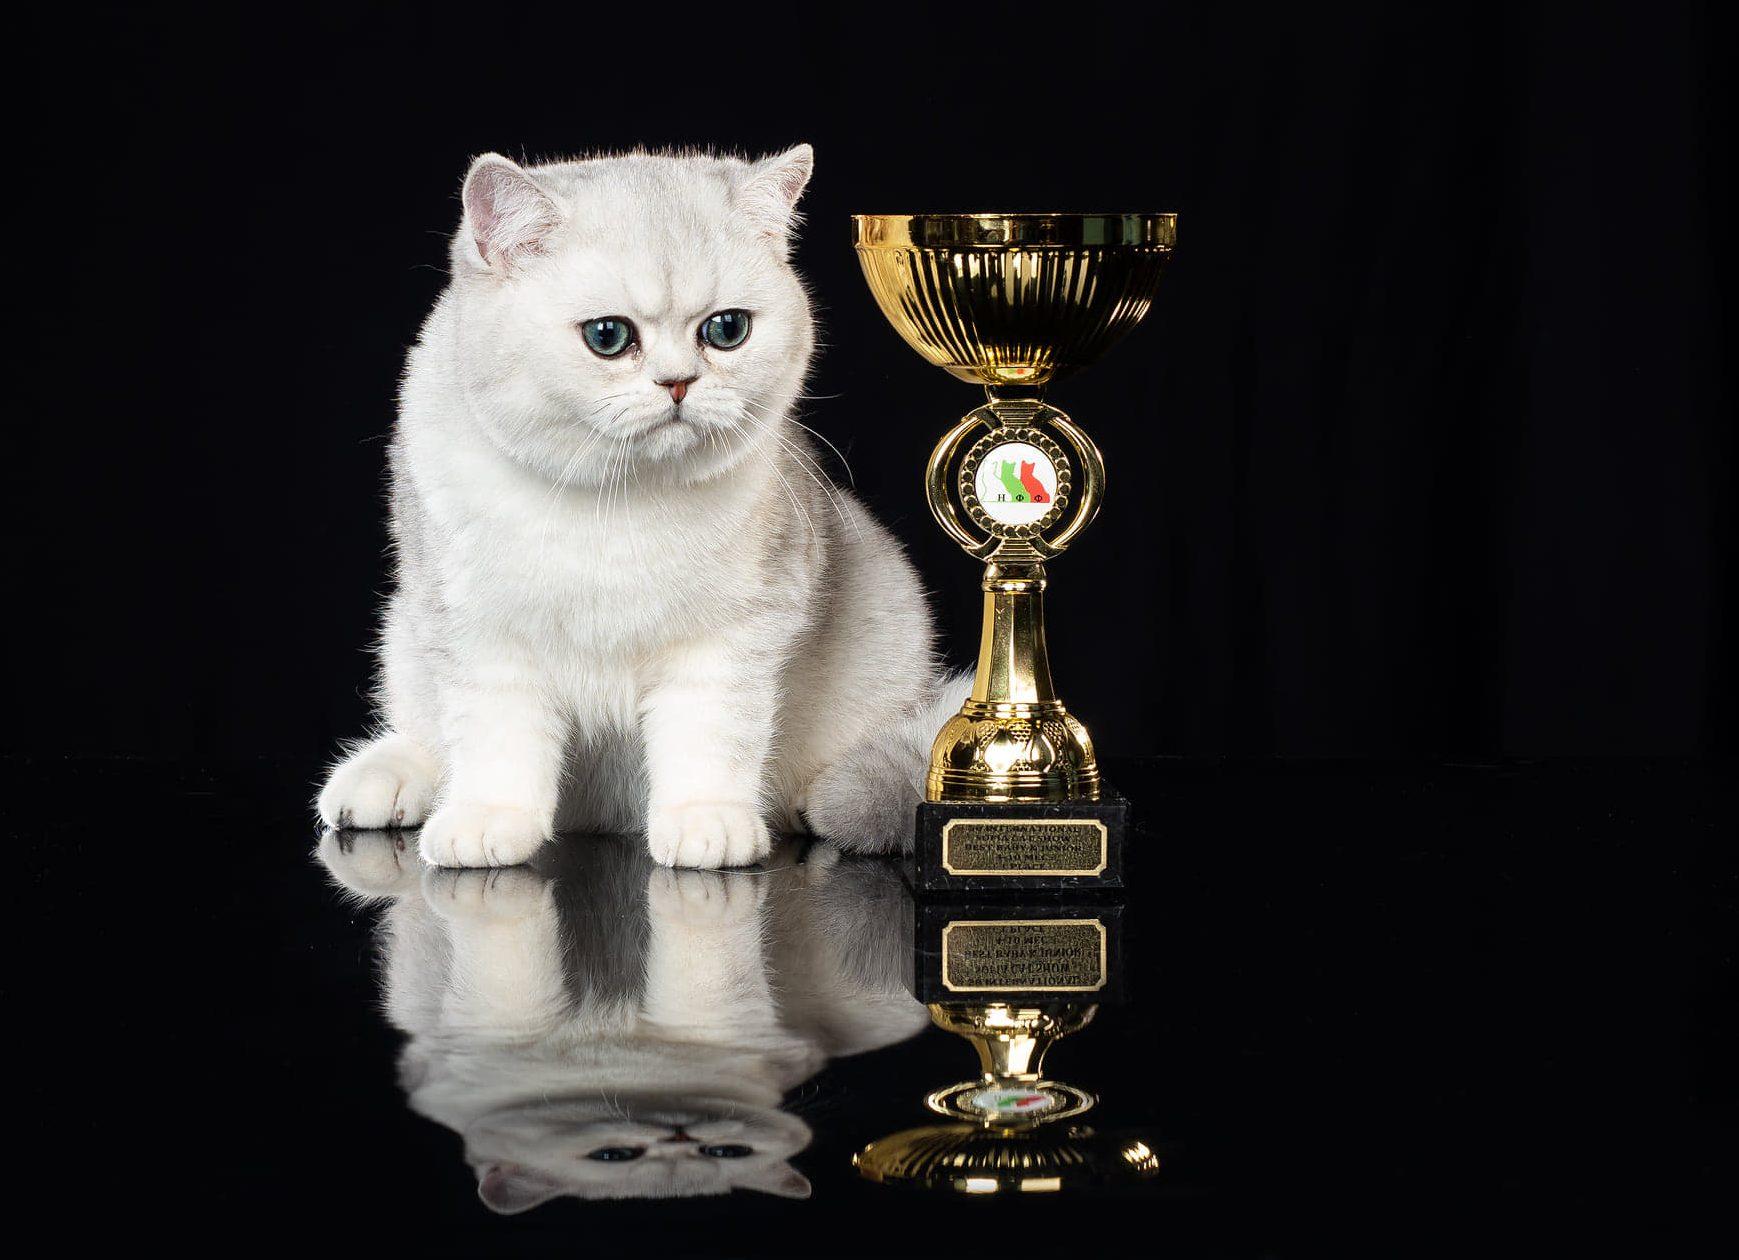 Peste 200 de pisici din toate colturile lumii vor putea fi admirate la SofistiCAT